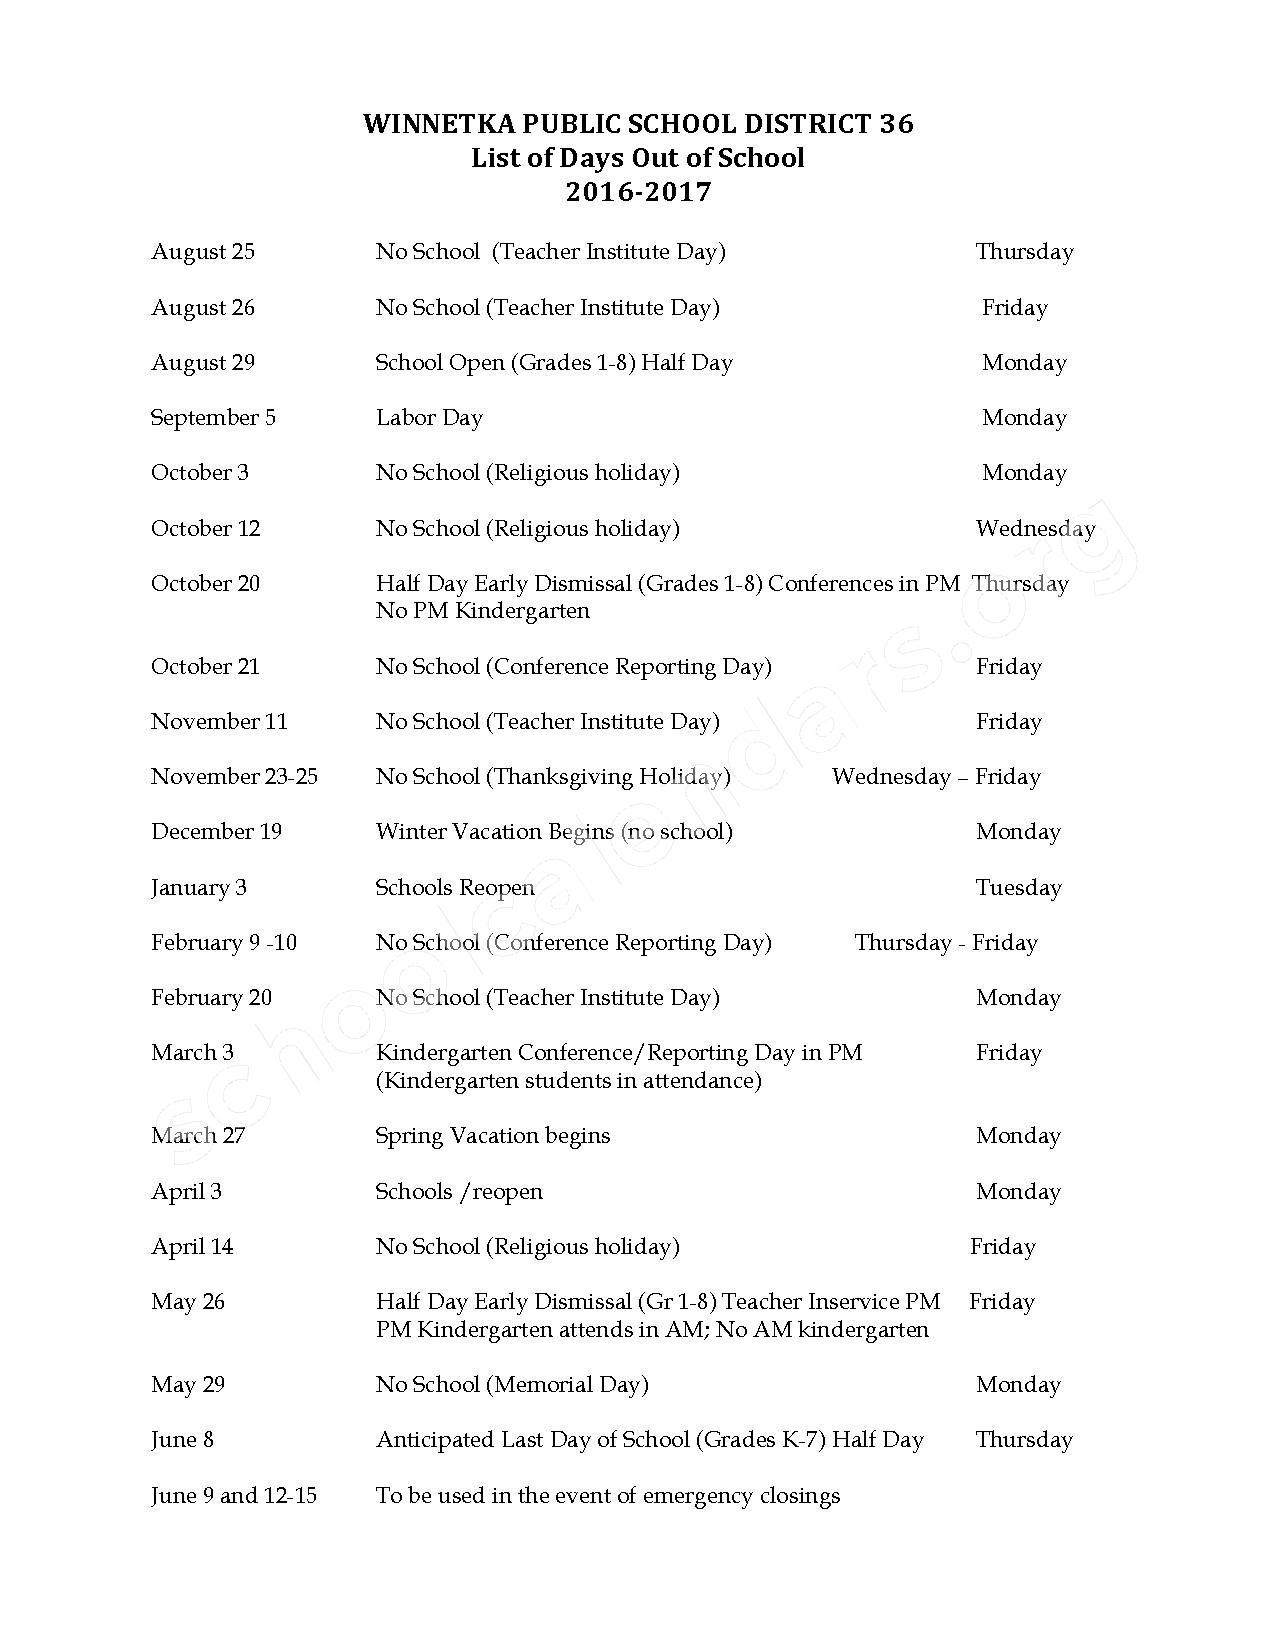 2016 - 2017 Winnetka School Calendar – Winnetka School District 36 – page 1